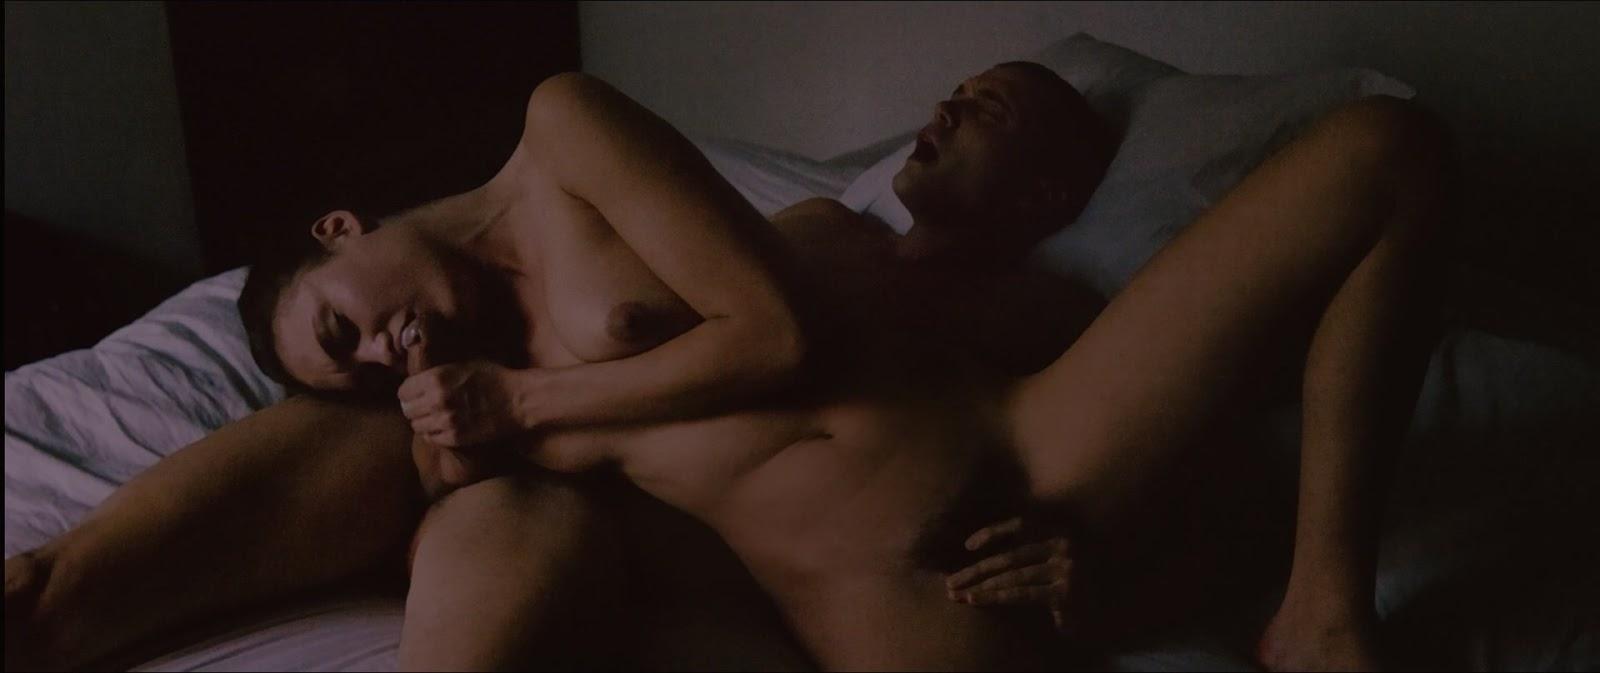 Порно фильмы и любовь смотреть